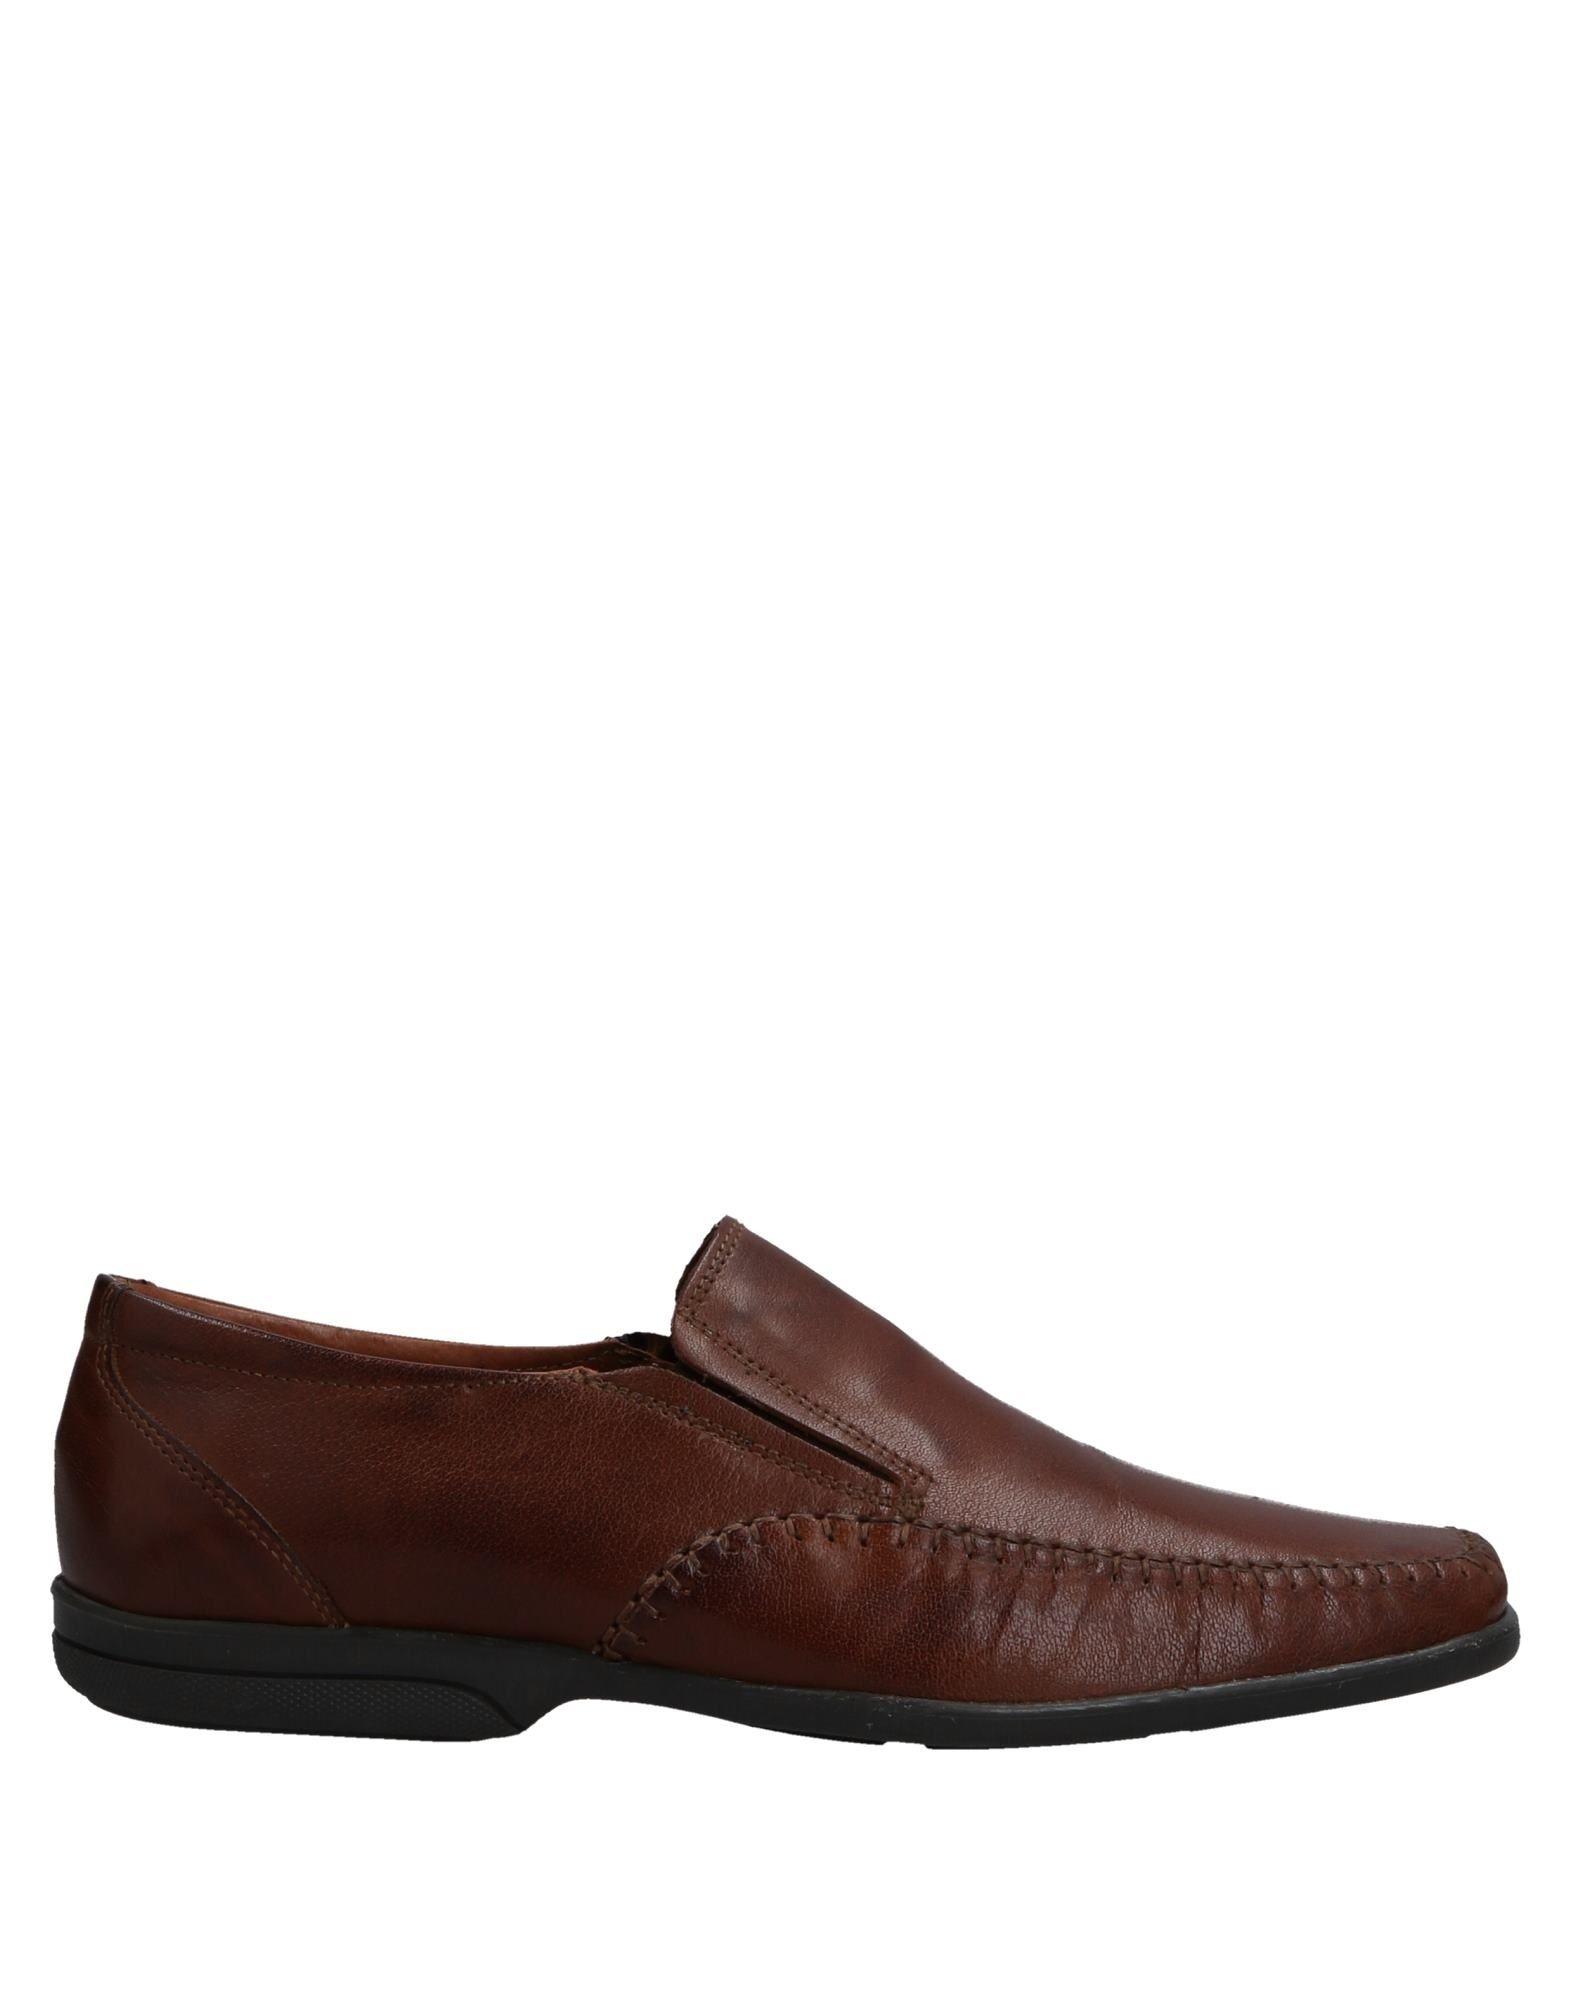 Rabatt echte Schuhe Max Limit Mokassins Herren  11526351UW